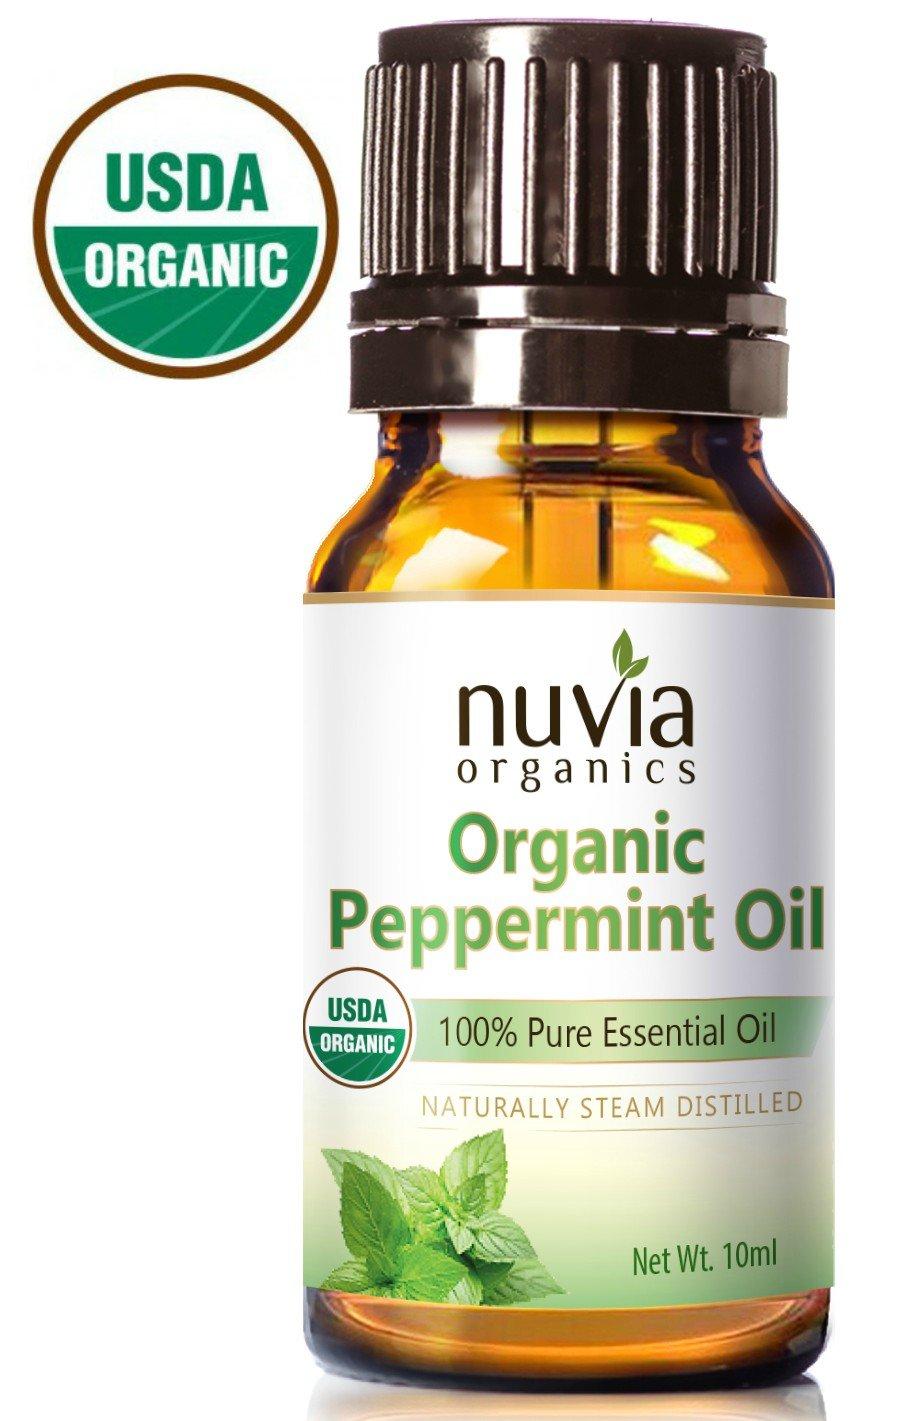 Nuvia Organics USDA Certified Peppermint Oil, 100% Pure Essential Oil, 10ml